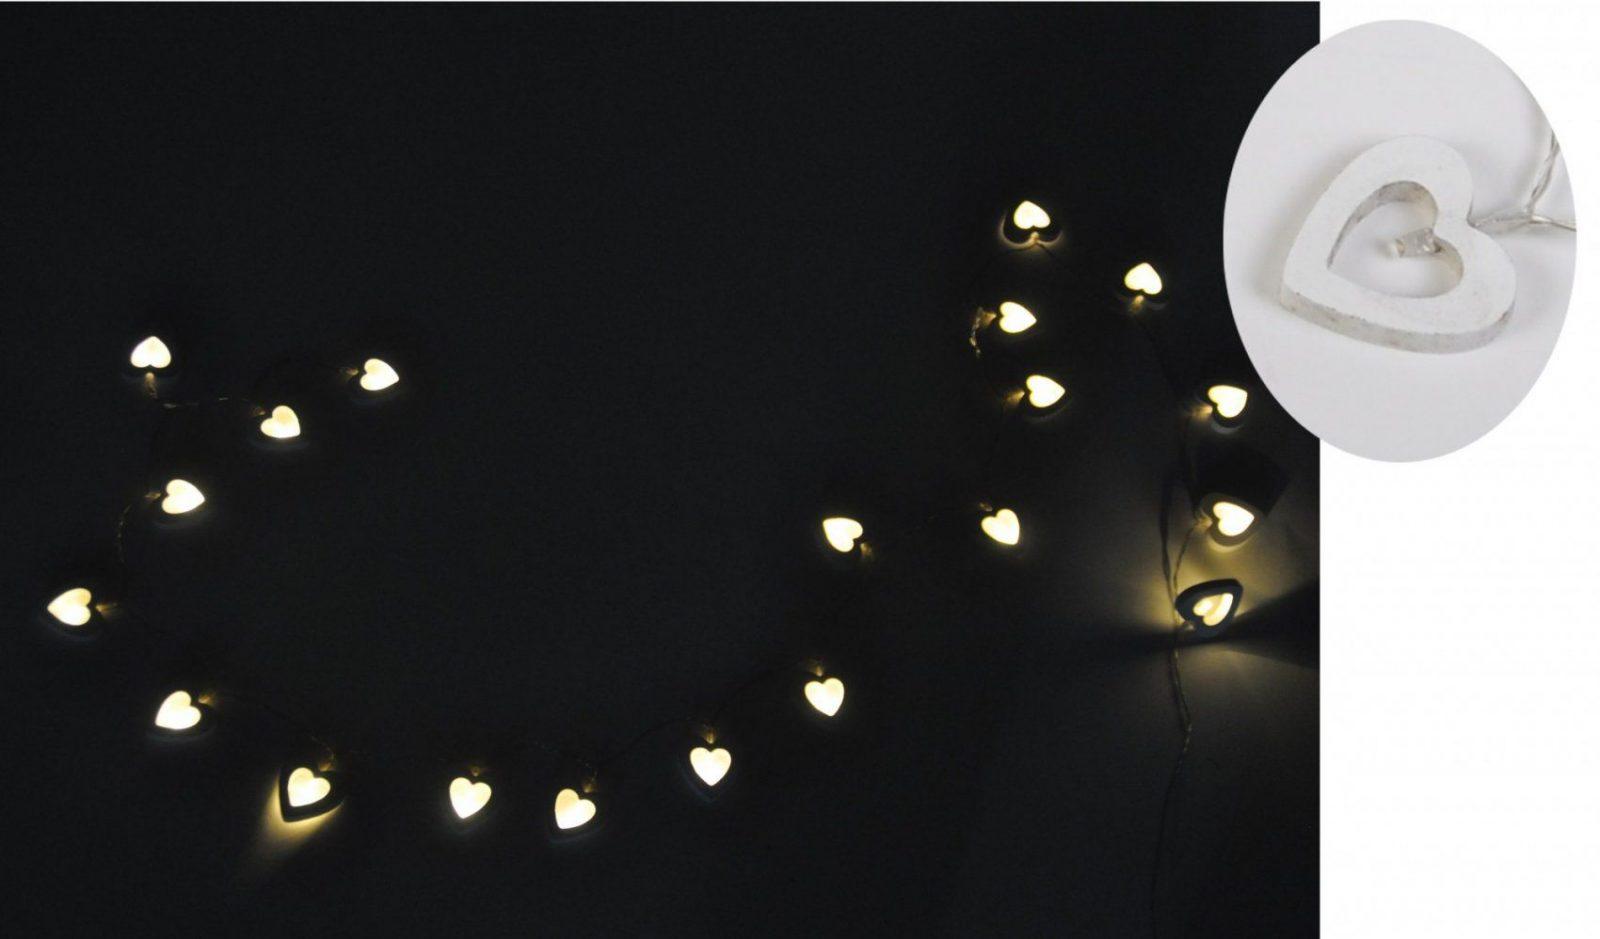 Bware 20 Led Herzenlichterkette Holz Deko Batterie Leuchtkette von Bilder Beleuchtung Mit Batterie Photo